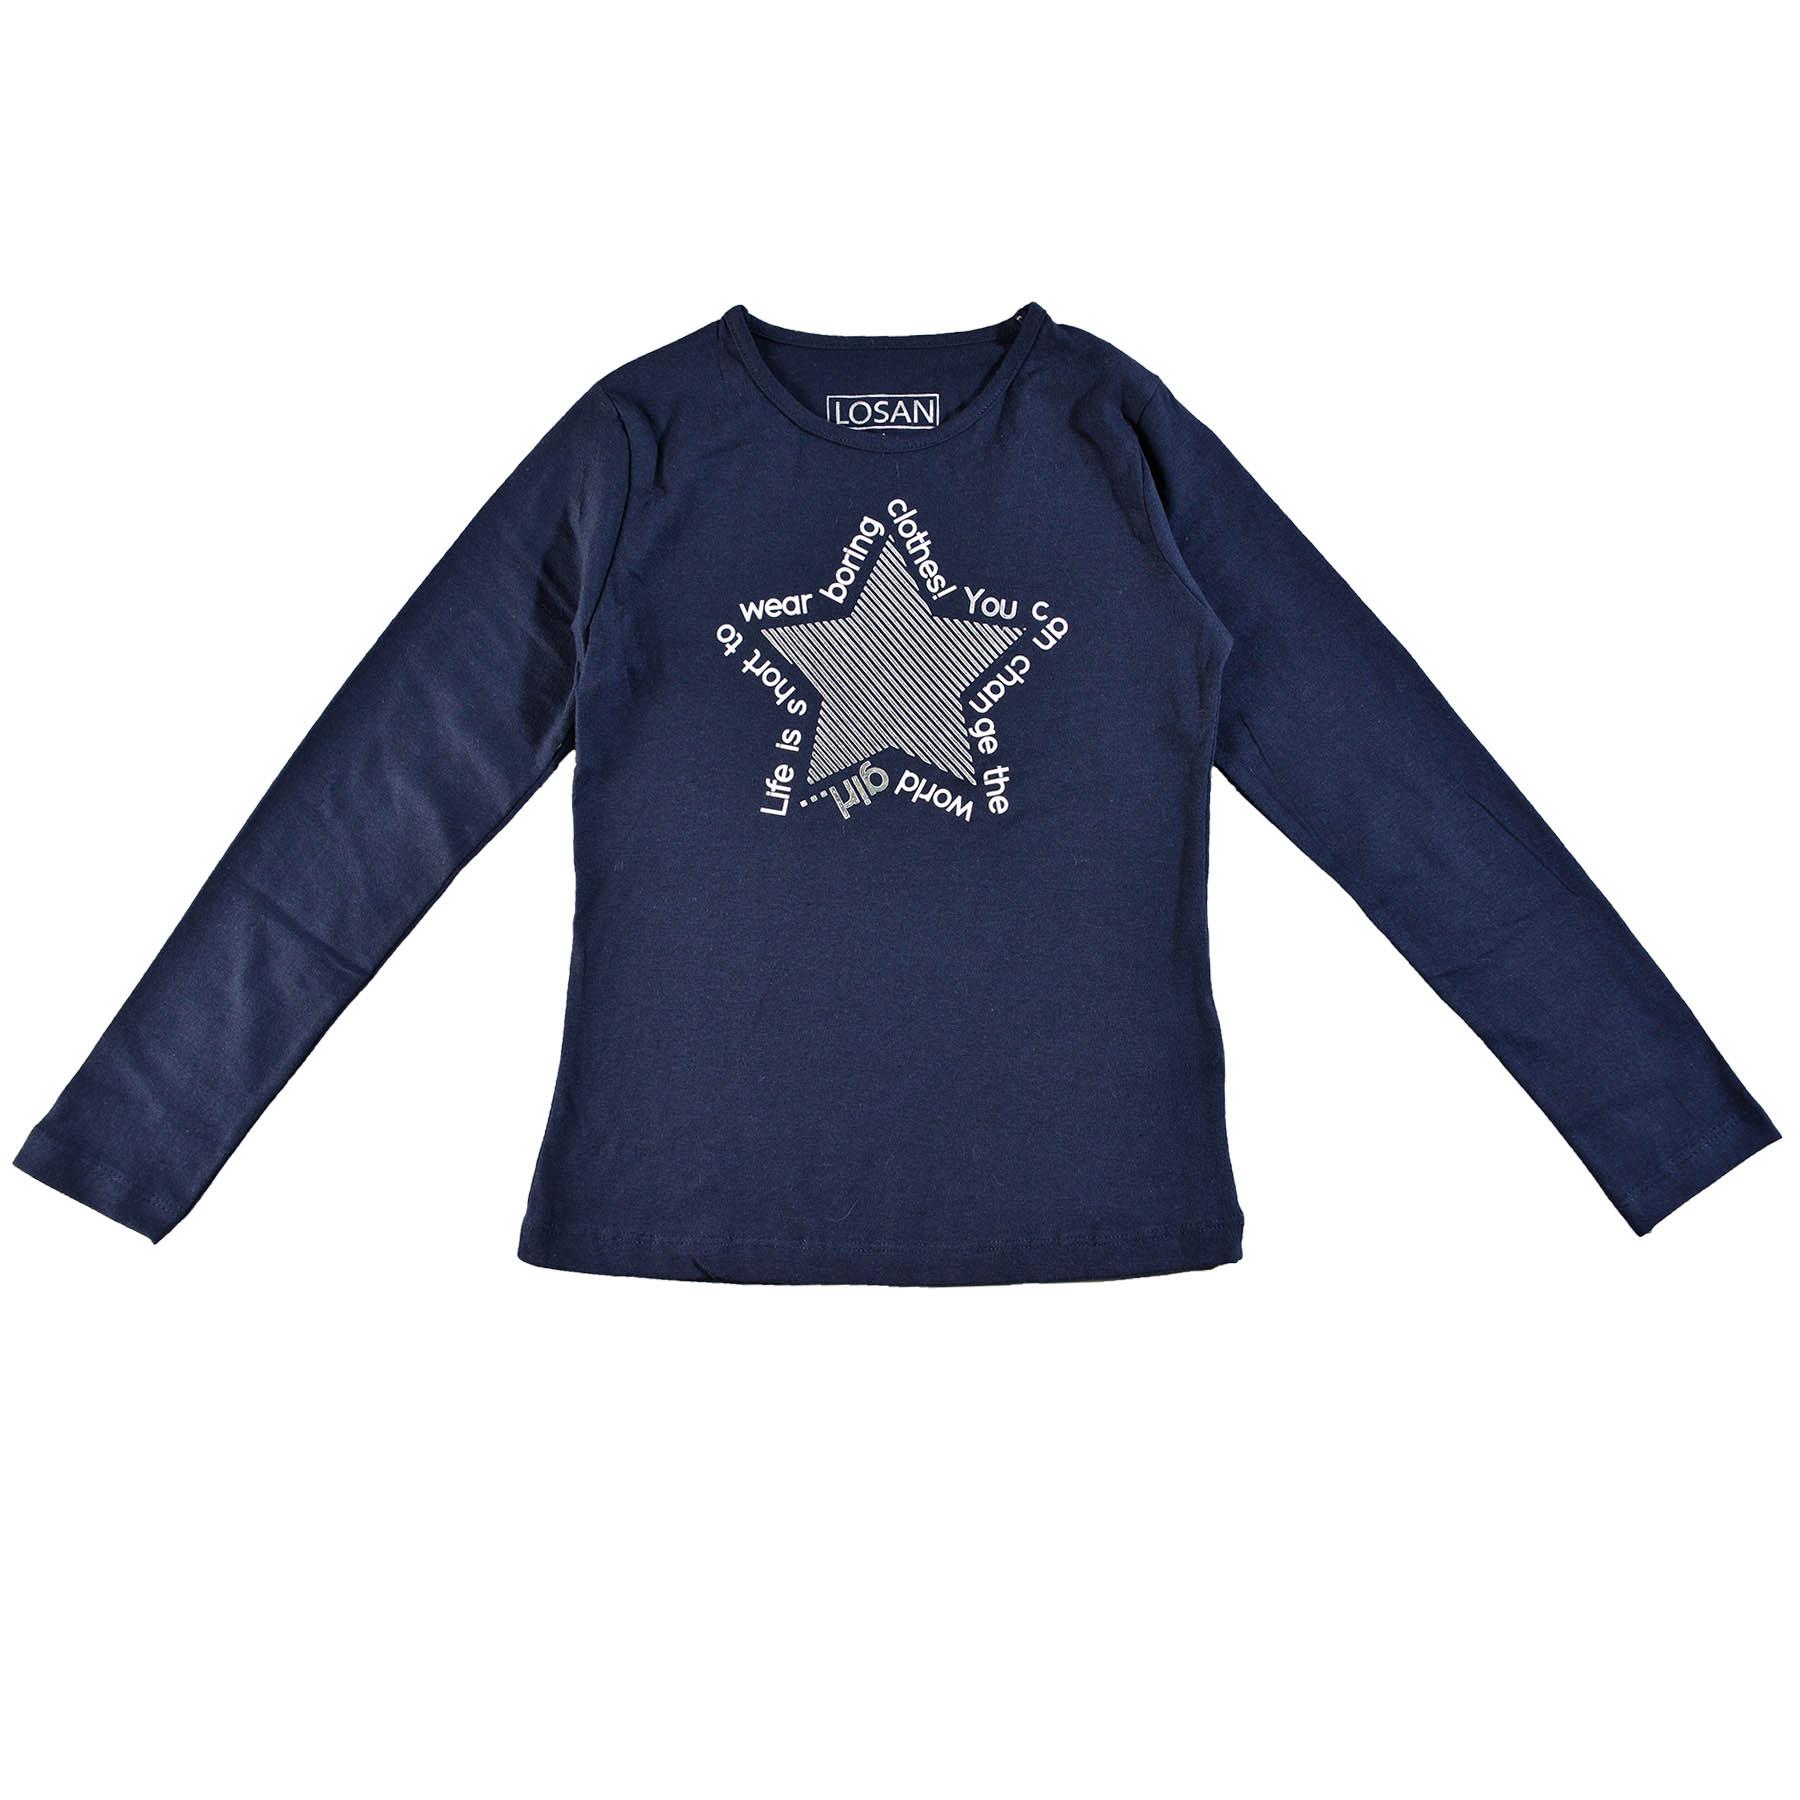 1a76667c381a Dievčenské tričko s dlhým rukávom a s potlačou Losan - 724-1011-032 ...